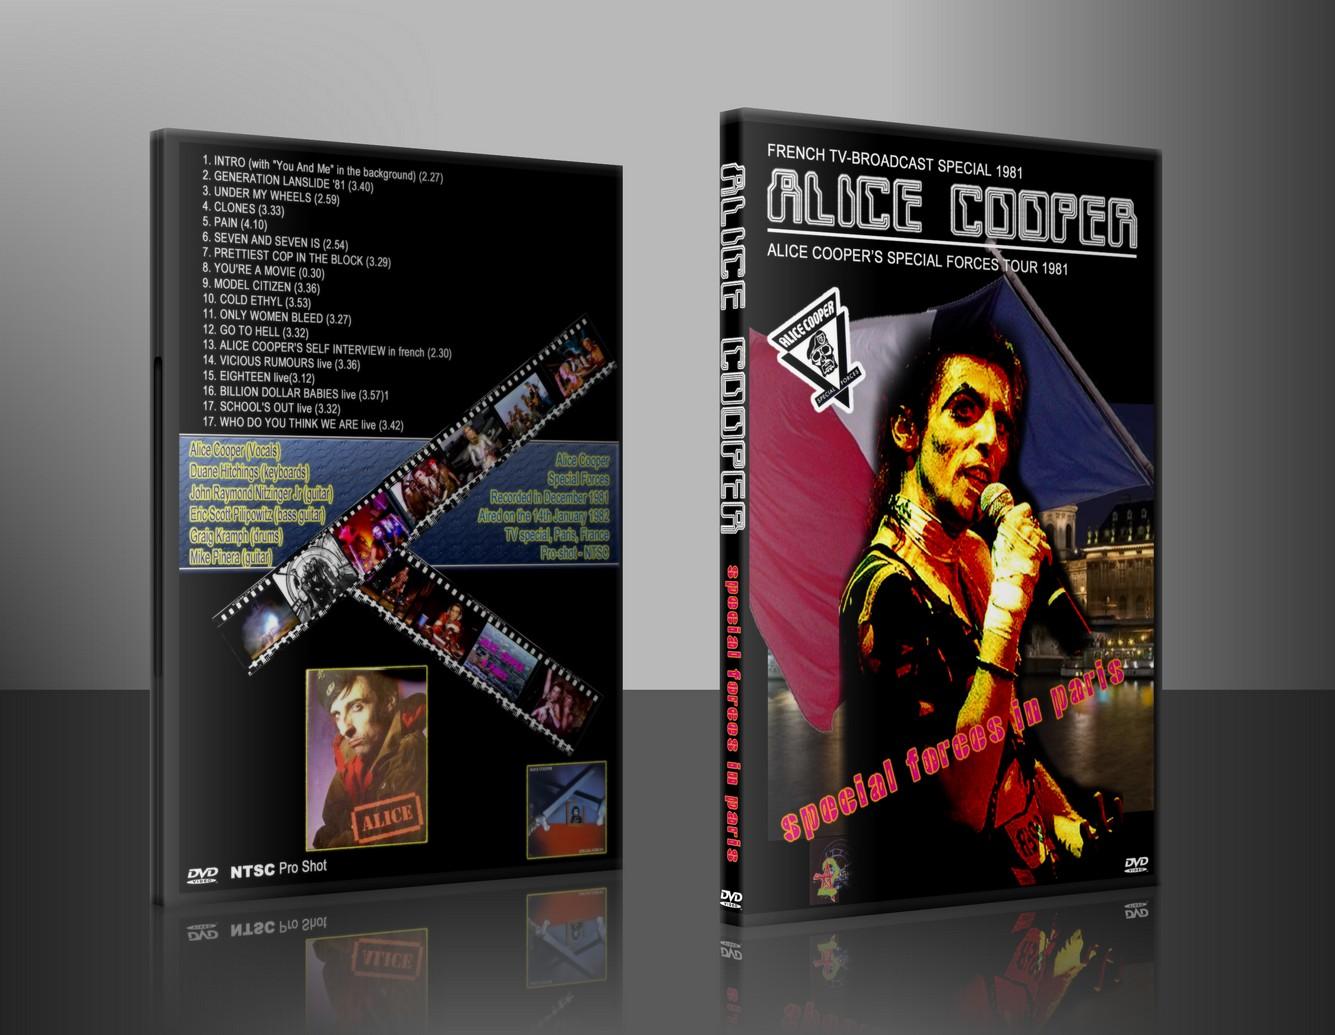 Conciertos desde el sofa de casa - Página 3 DVD+Show+-+Alice+Cooper+-+Special+forces+in+Paris+1981